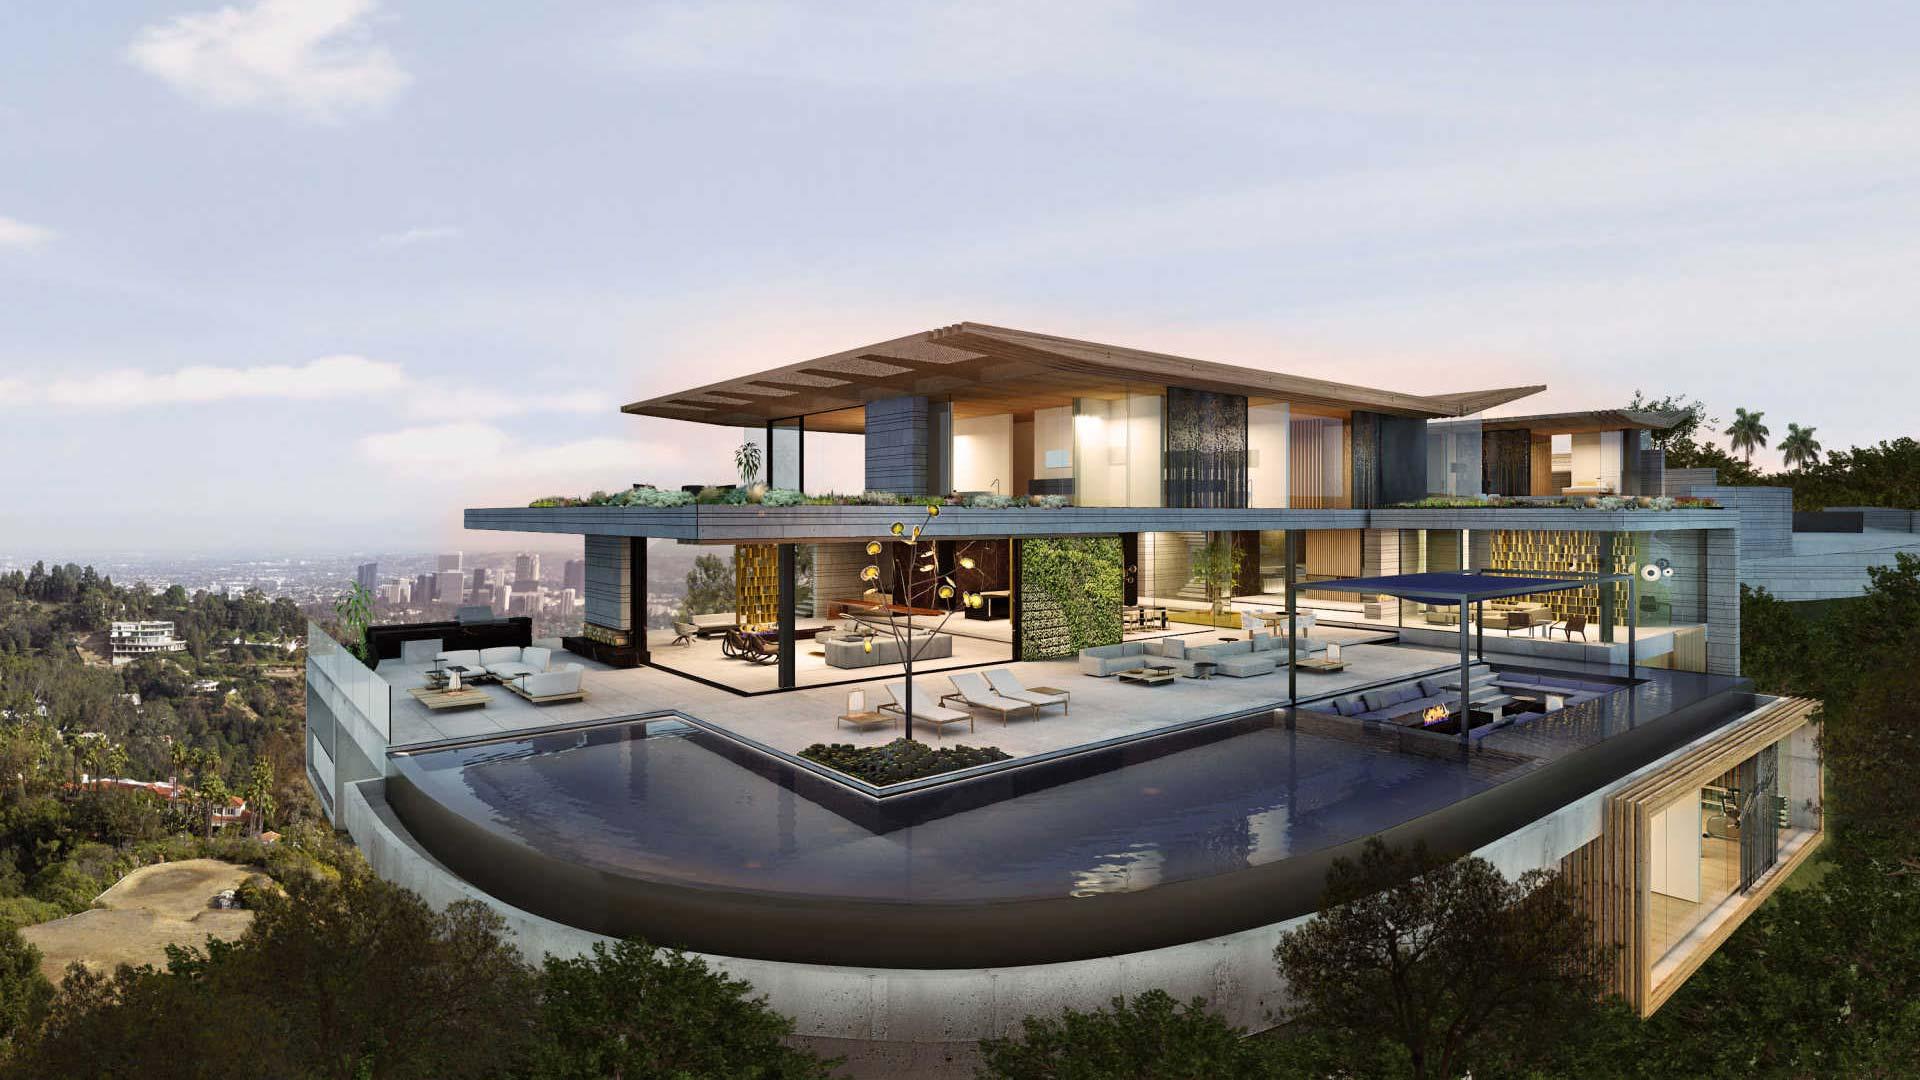 Bienes raíces de lujo en Los Ángeles: Lo más destacado de Lukinski - ¡Parcelas de hasta 6,5 millones de dólares!